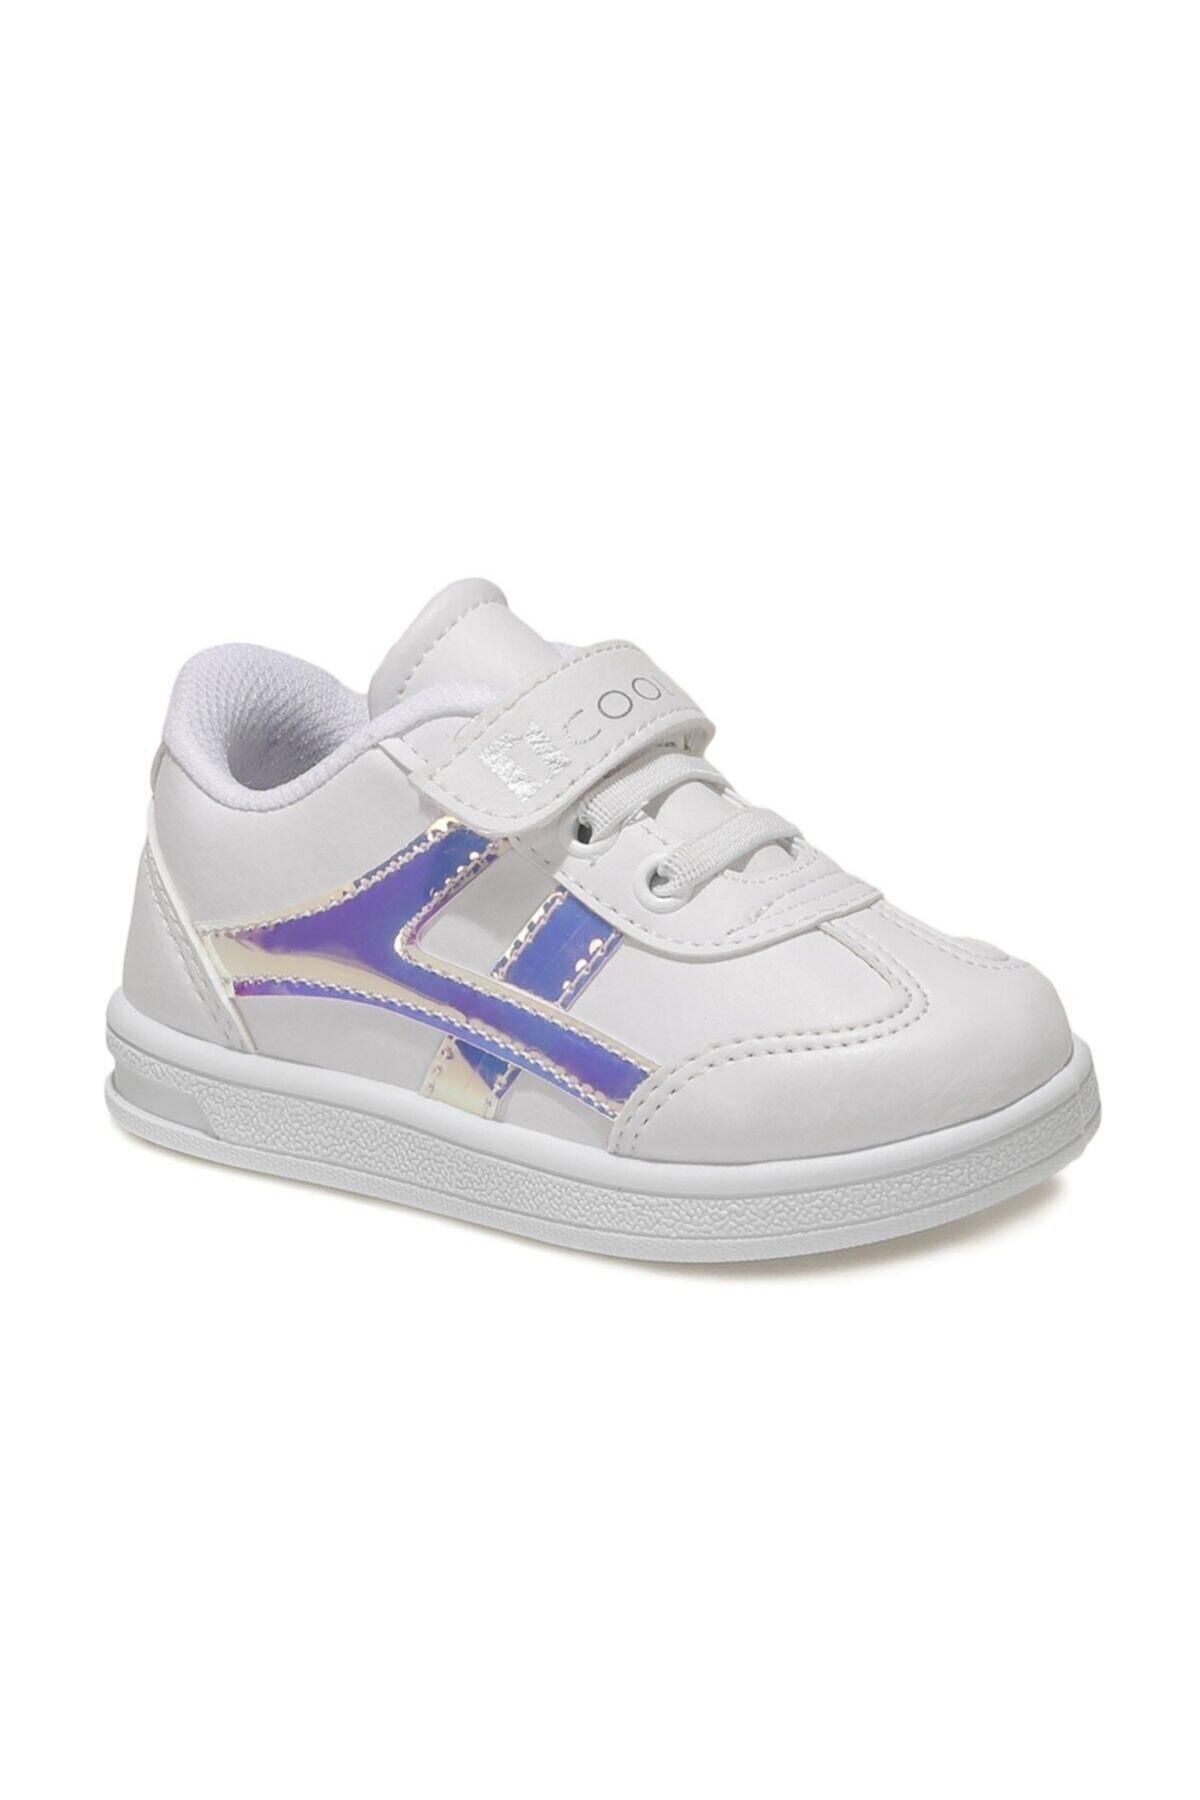 SONSE Beyaz Kız Çocuk Sneaker Ayakkabı 100664281